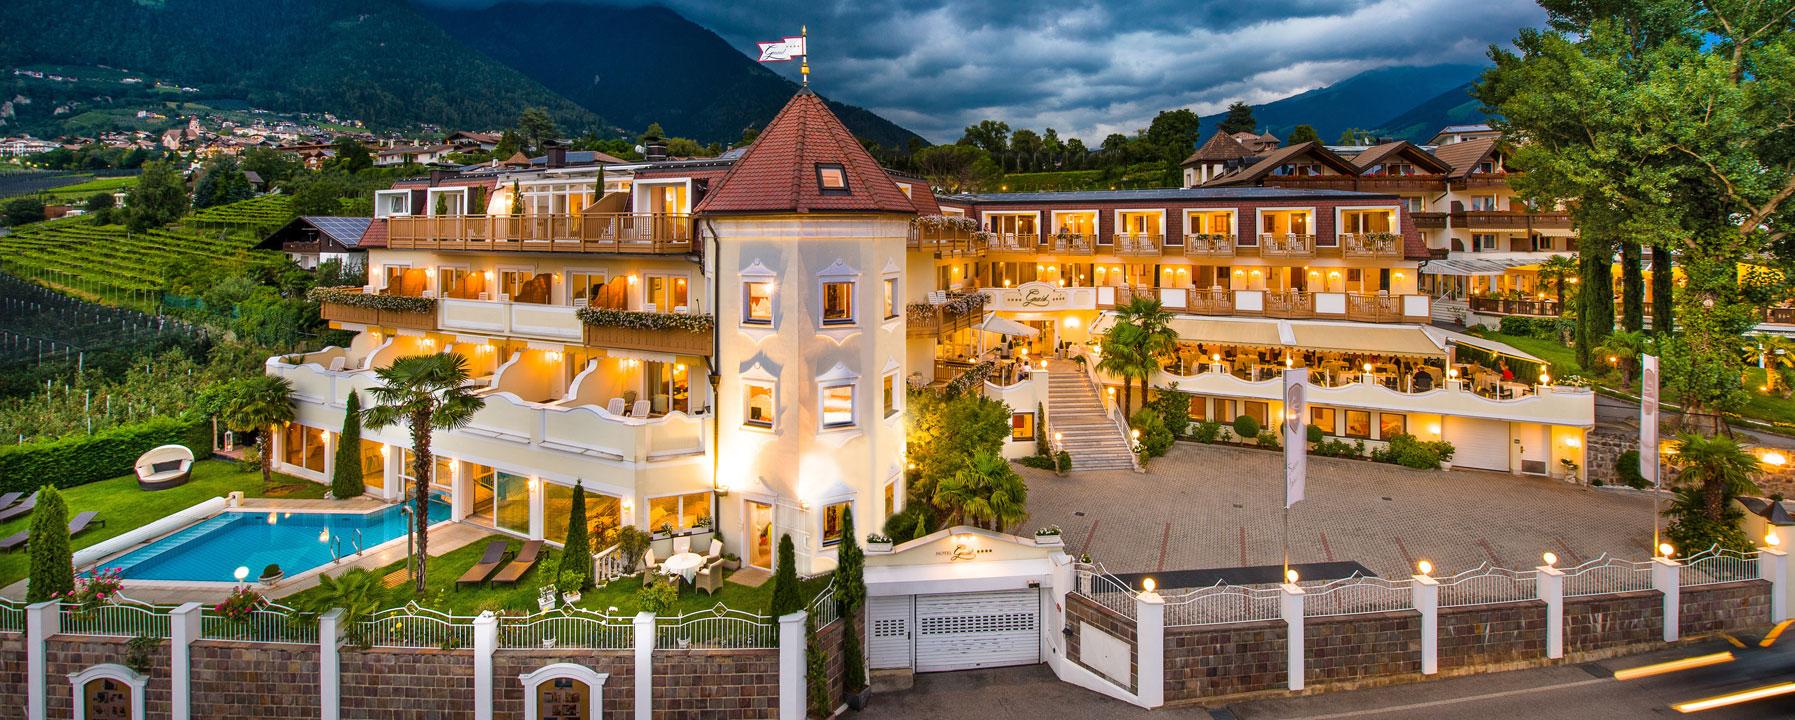 Hotel gnaid a tirolo vicino a merano benessere montagna - Hotel in montagna con piscina ...